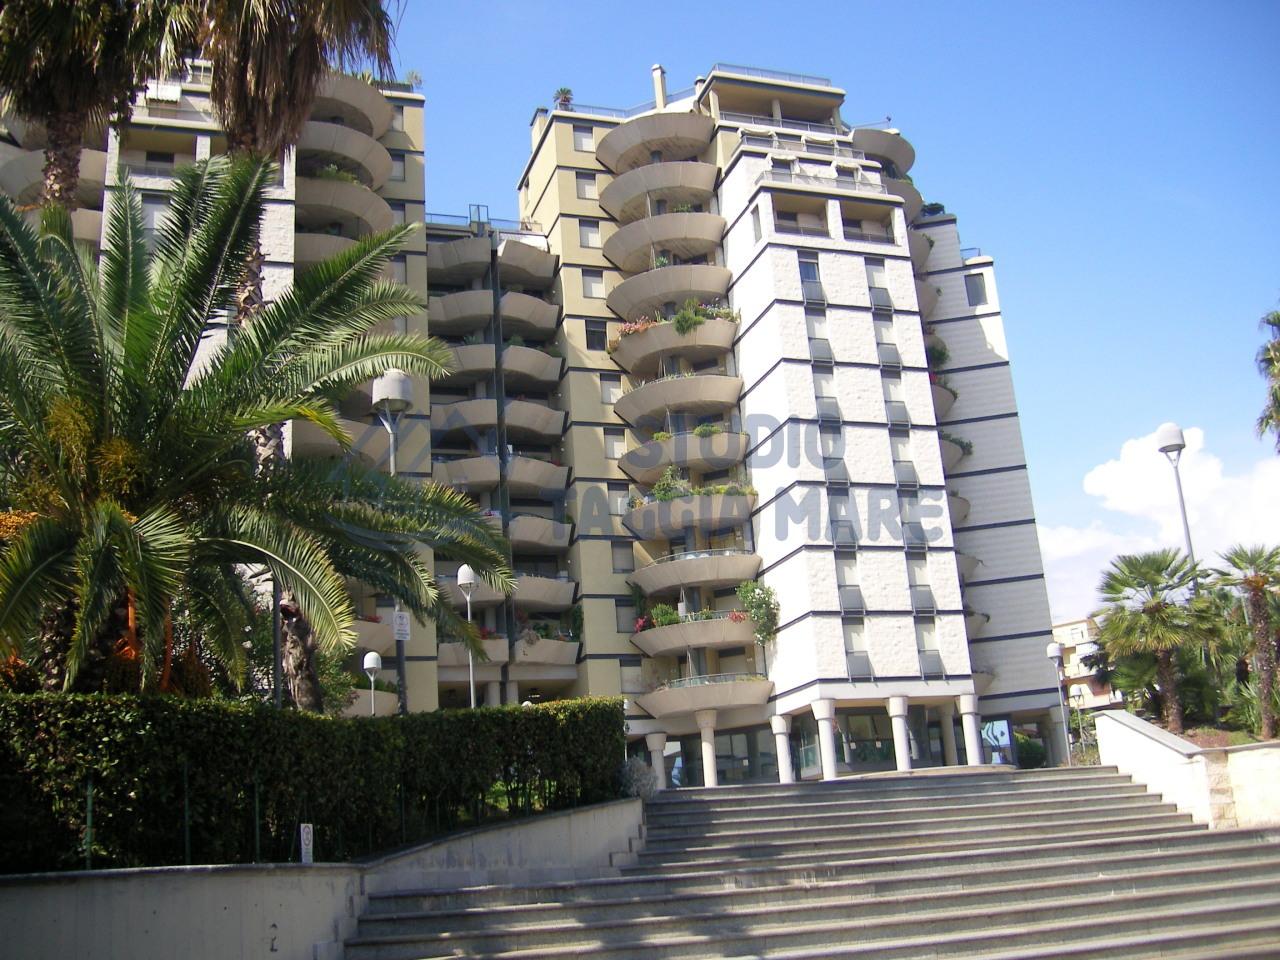 Bilocale Taggia Via Cristoforo Colombo 1